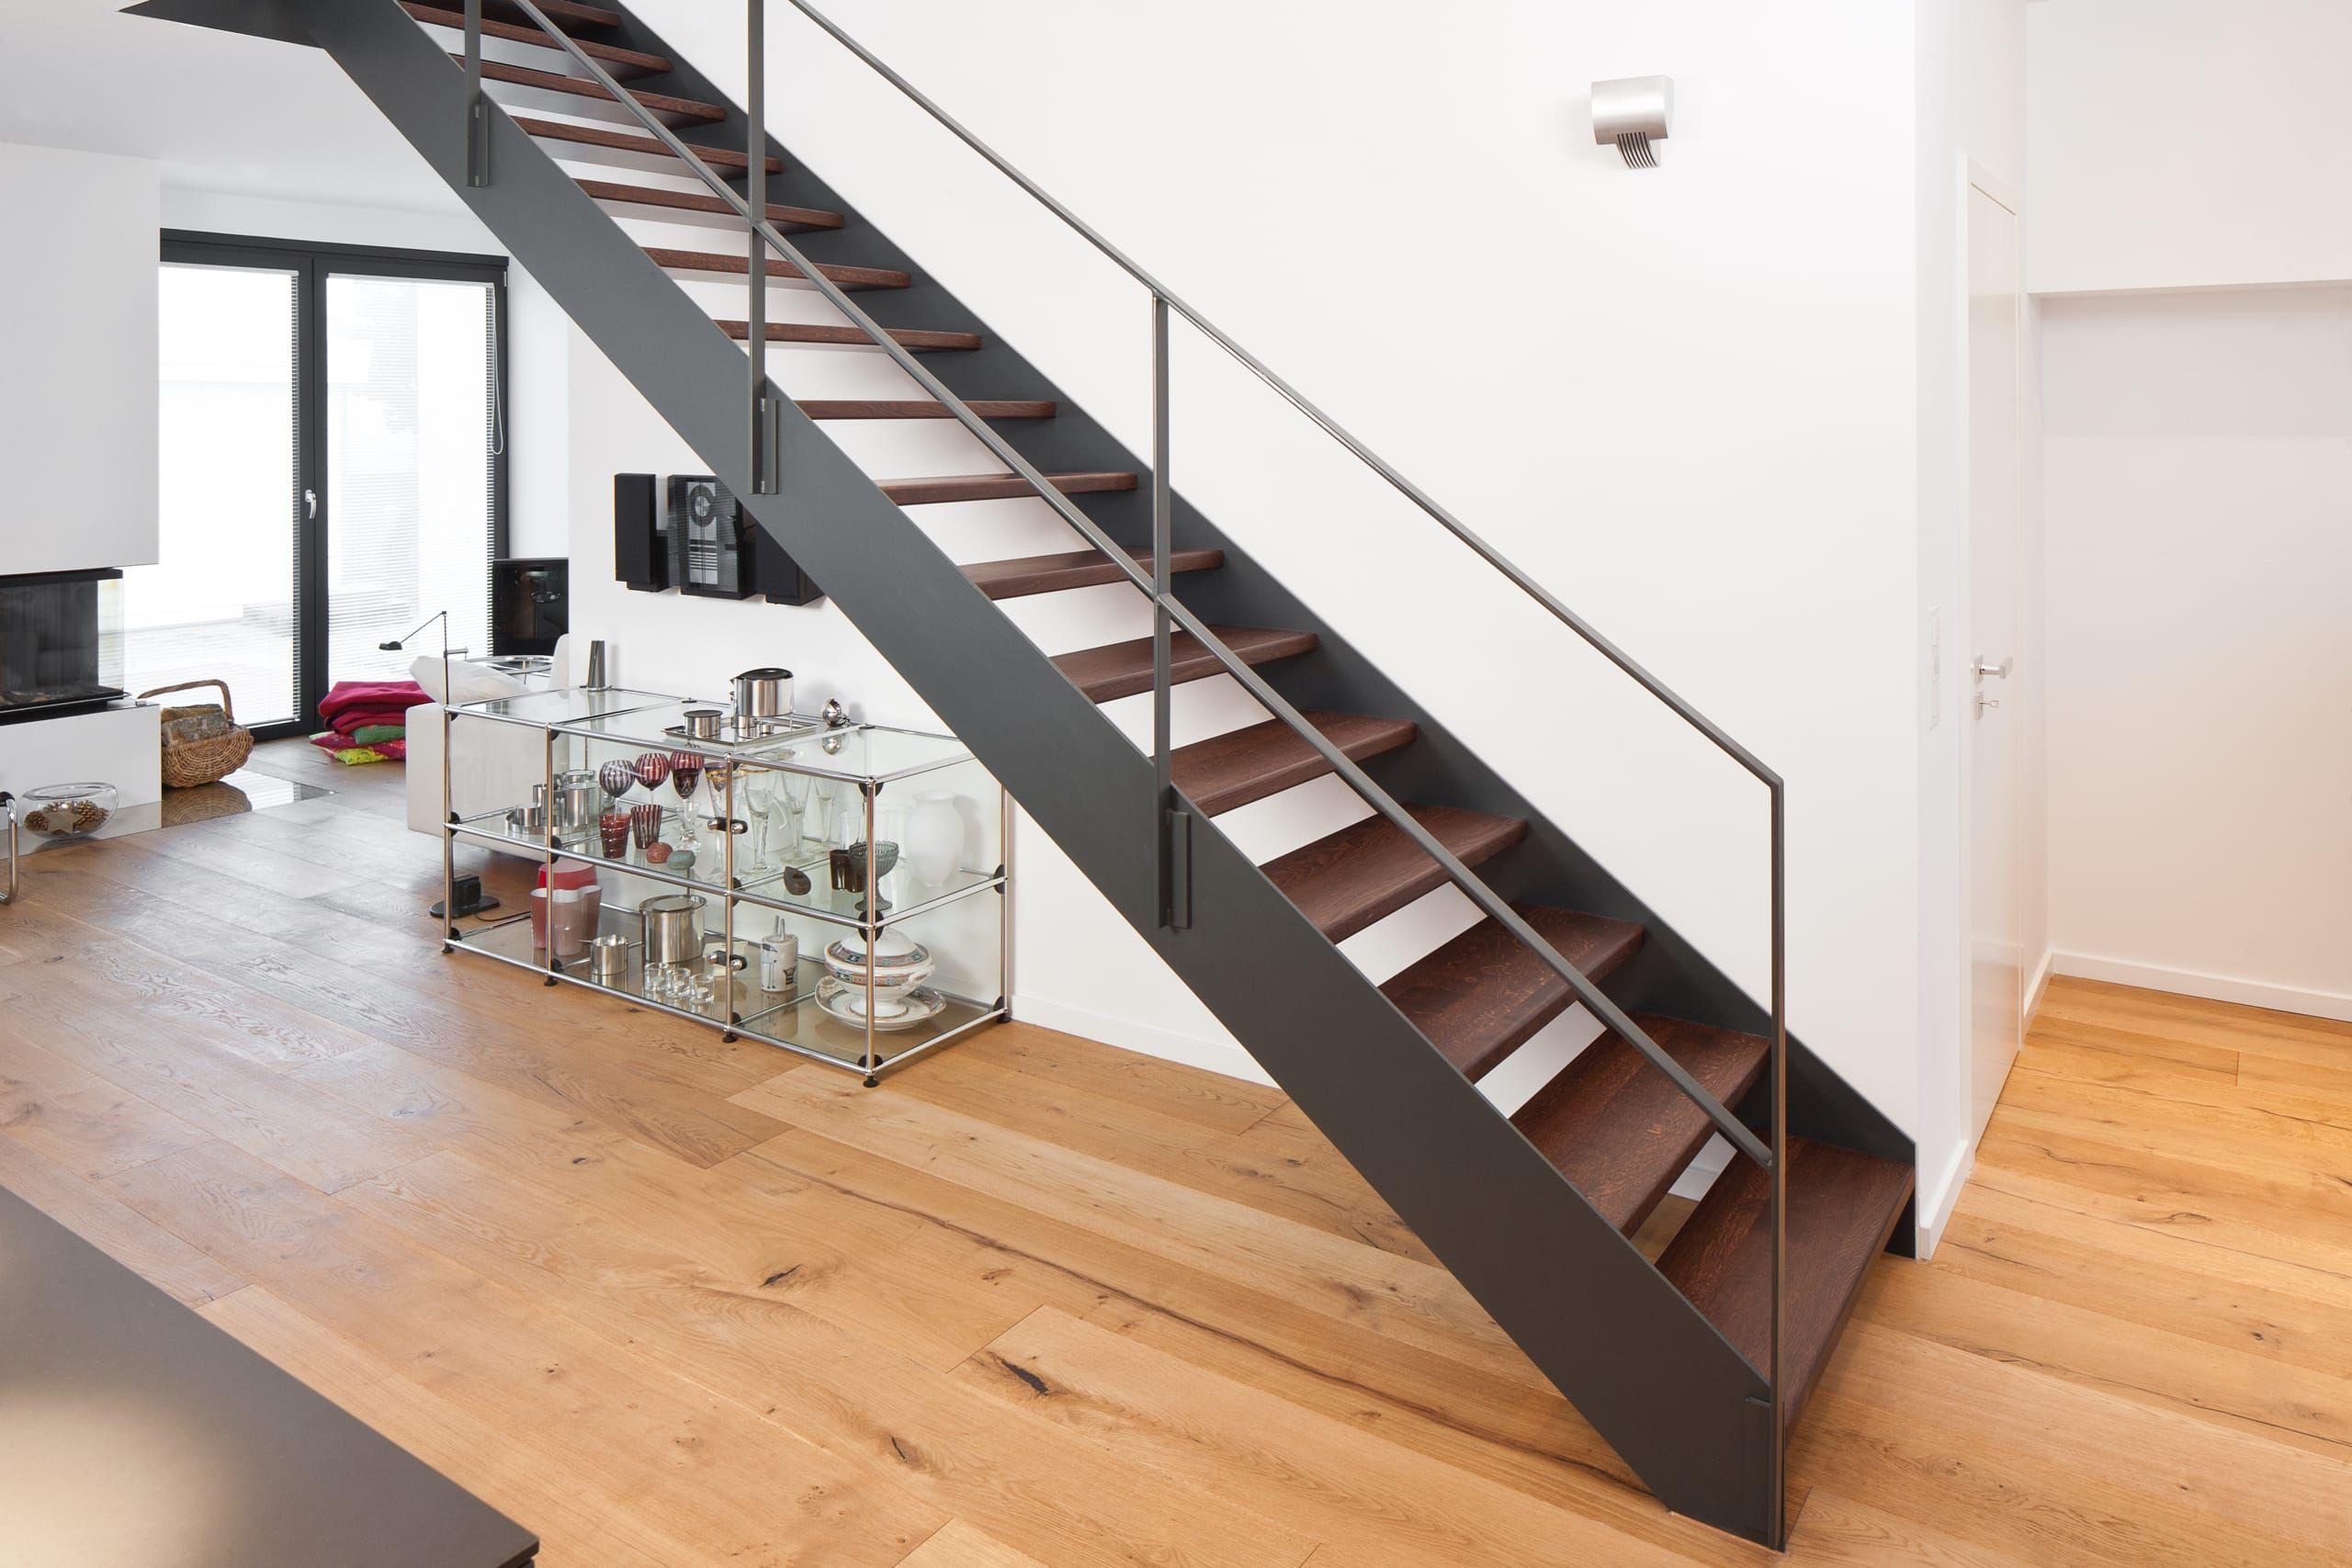 Anspruchsvoll Voss Treppen Referenz Von Stahltreppe Kaufen: Treppenhersteller Treppenbau Voß. - Treppenbau